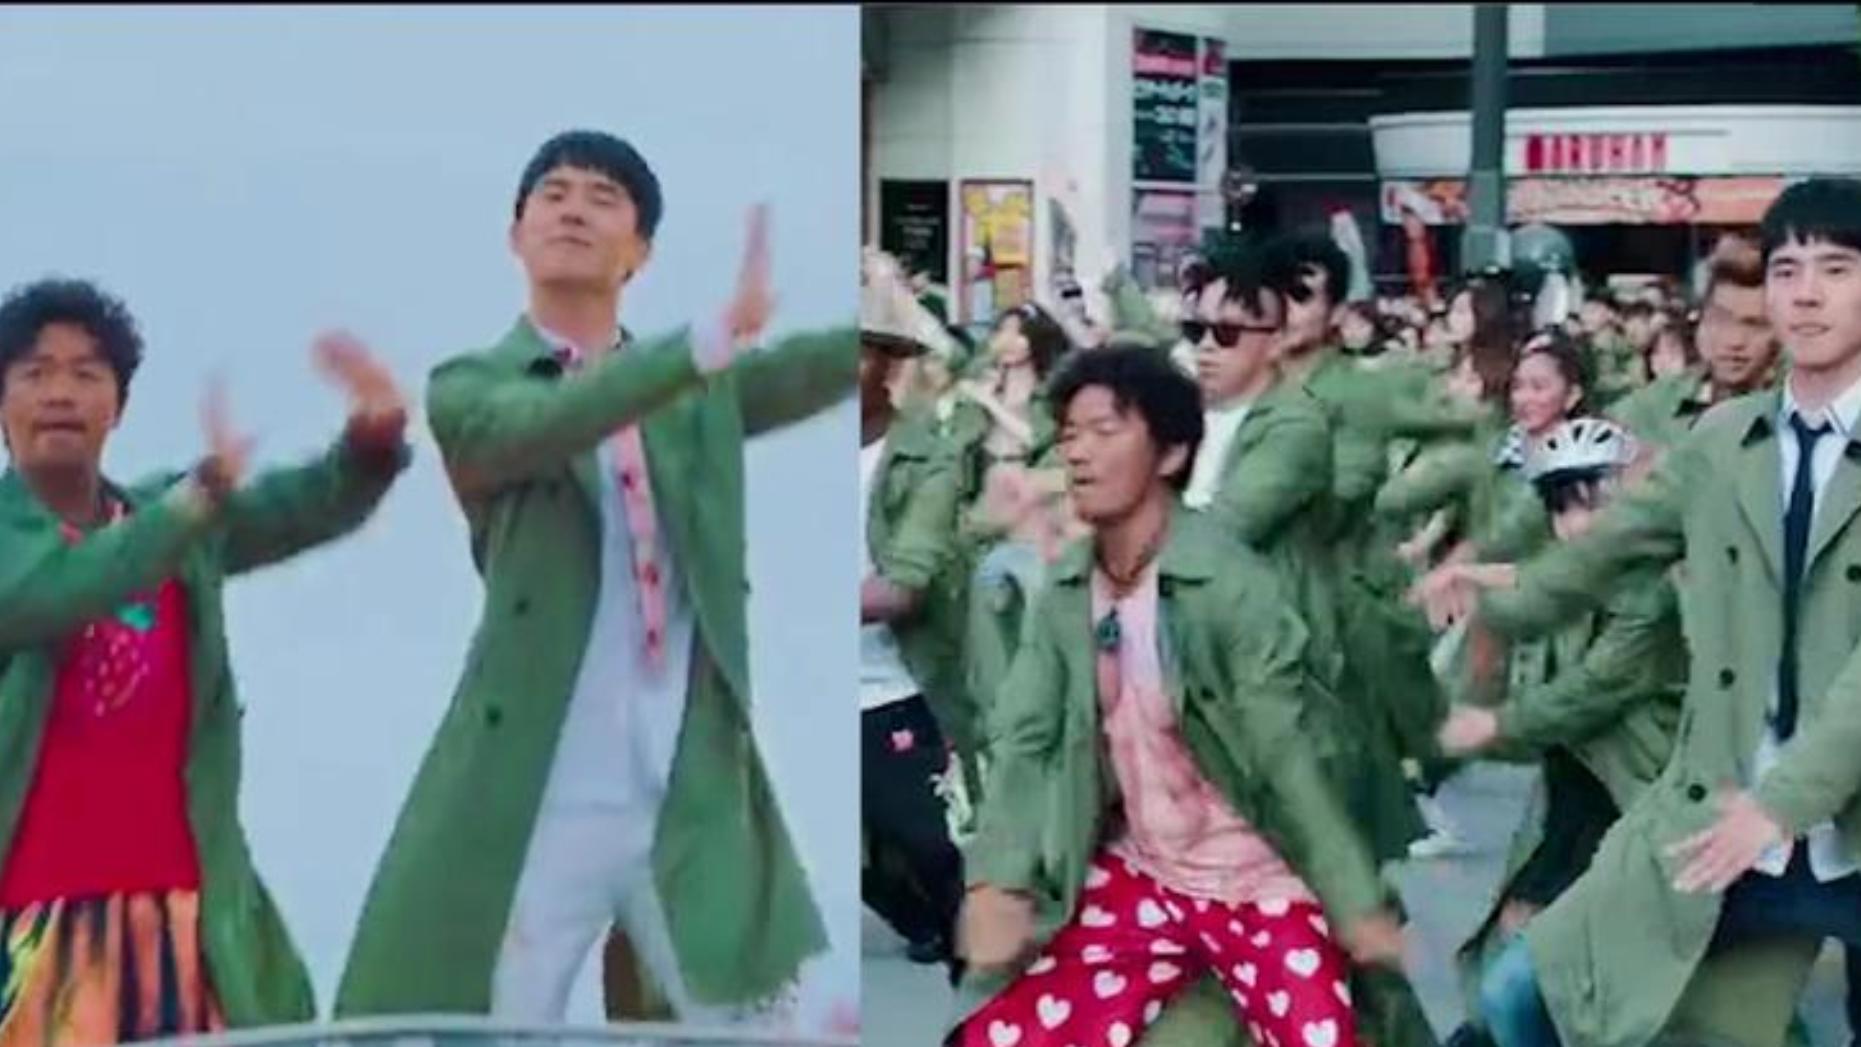 《唐人街探案3》主题曲《酷你吉娃》MV!王宝强刘昊然魔性尬舞